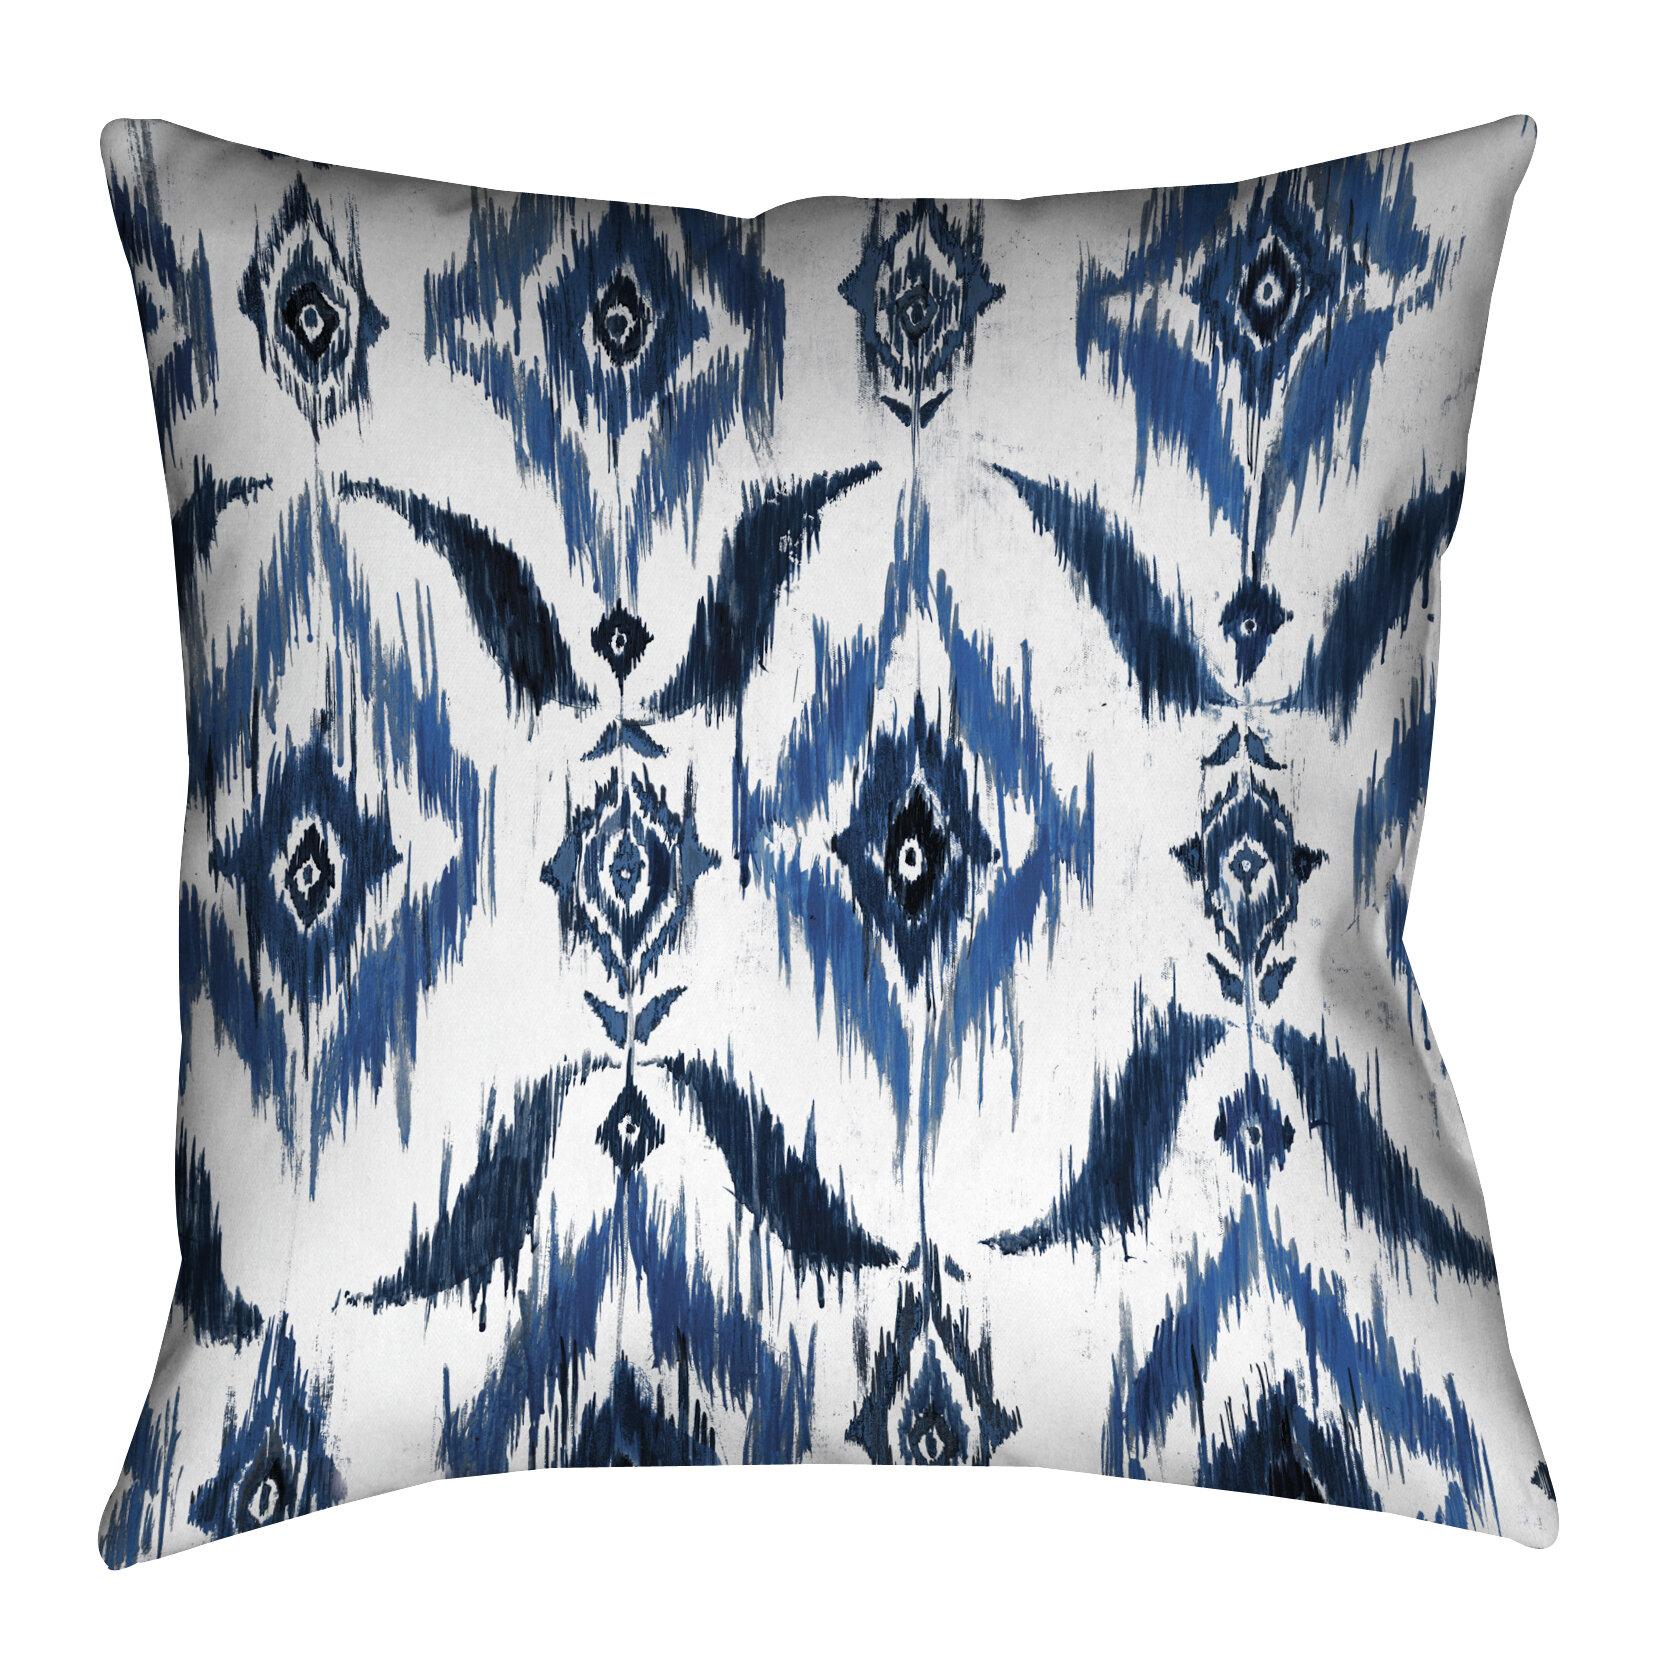 Lauralhome Ikat Outdoor Throw Pillow Wayfair